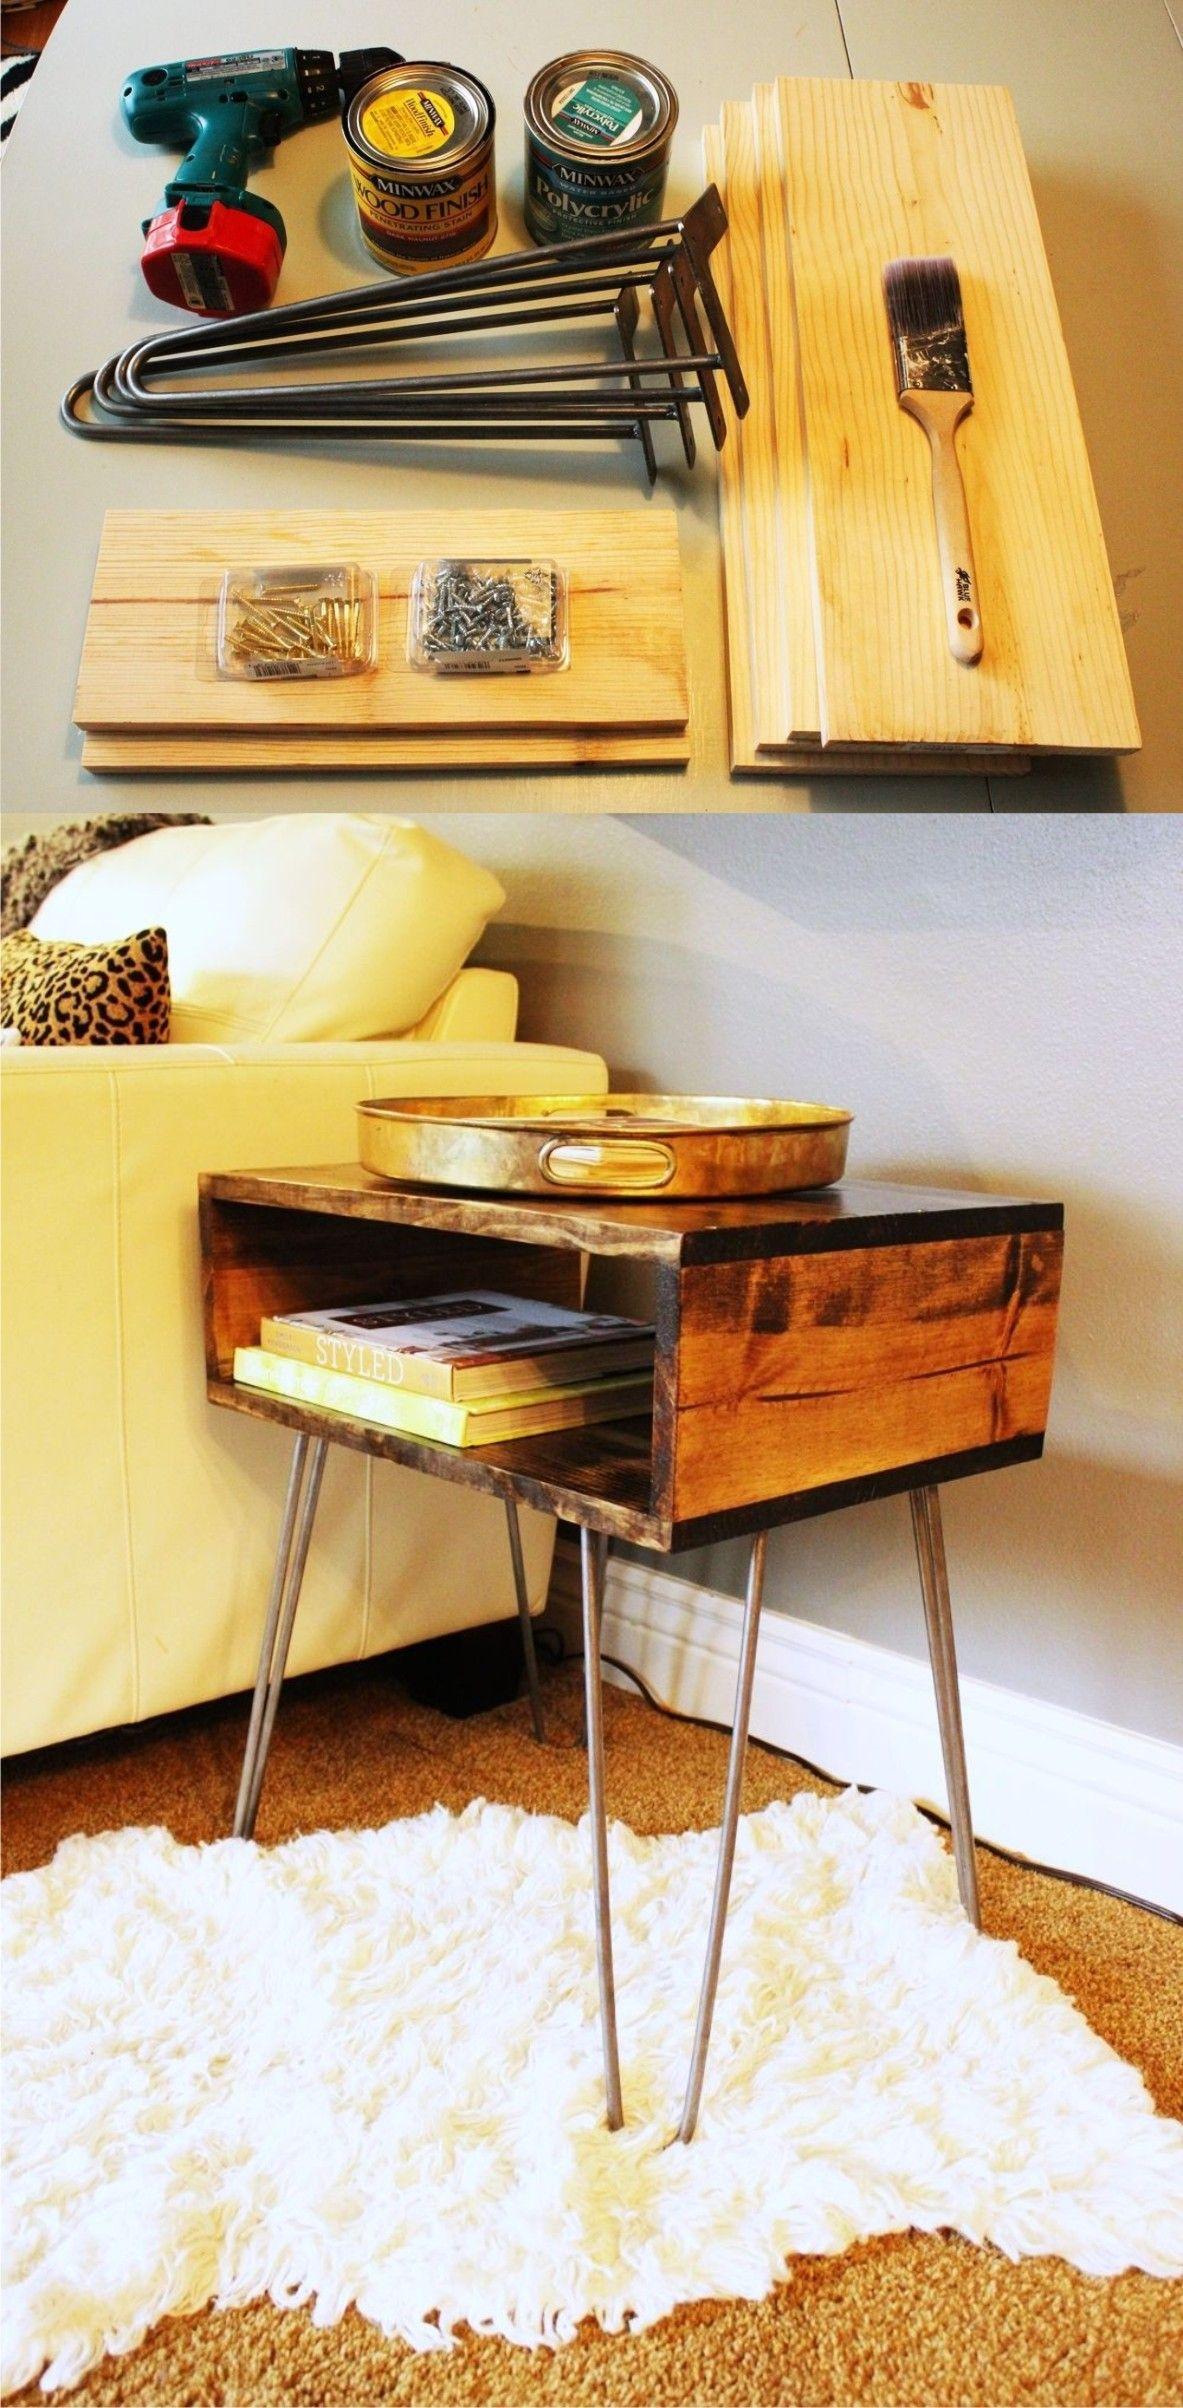 Mesita Diy Con Pies Hairpin Muebles Reciclados Reciclado Y  # Muebles Reciclados Originales